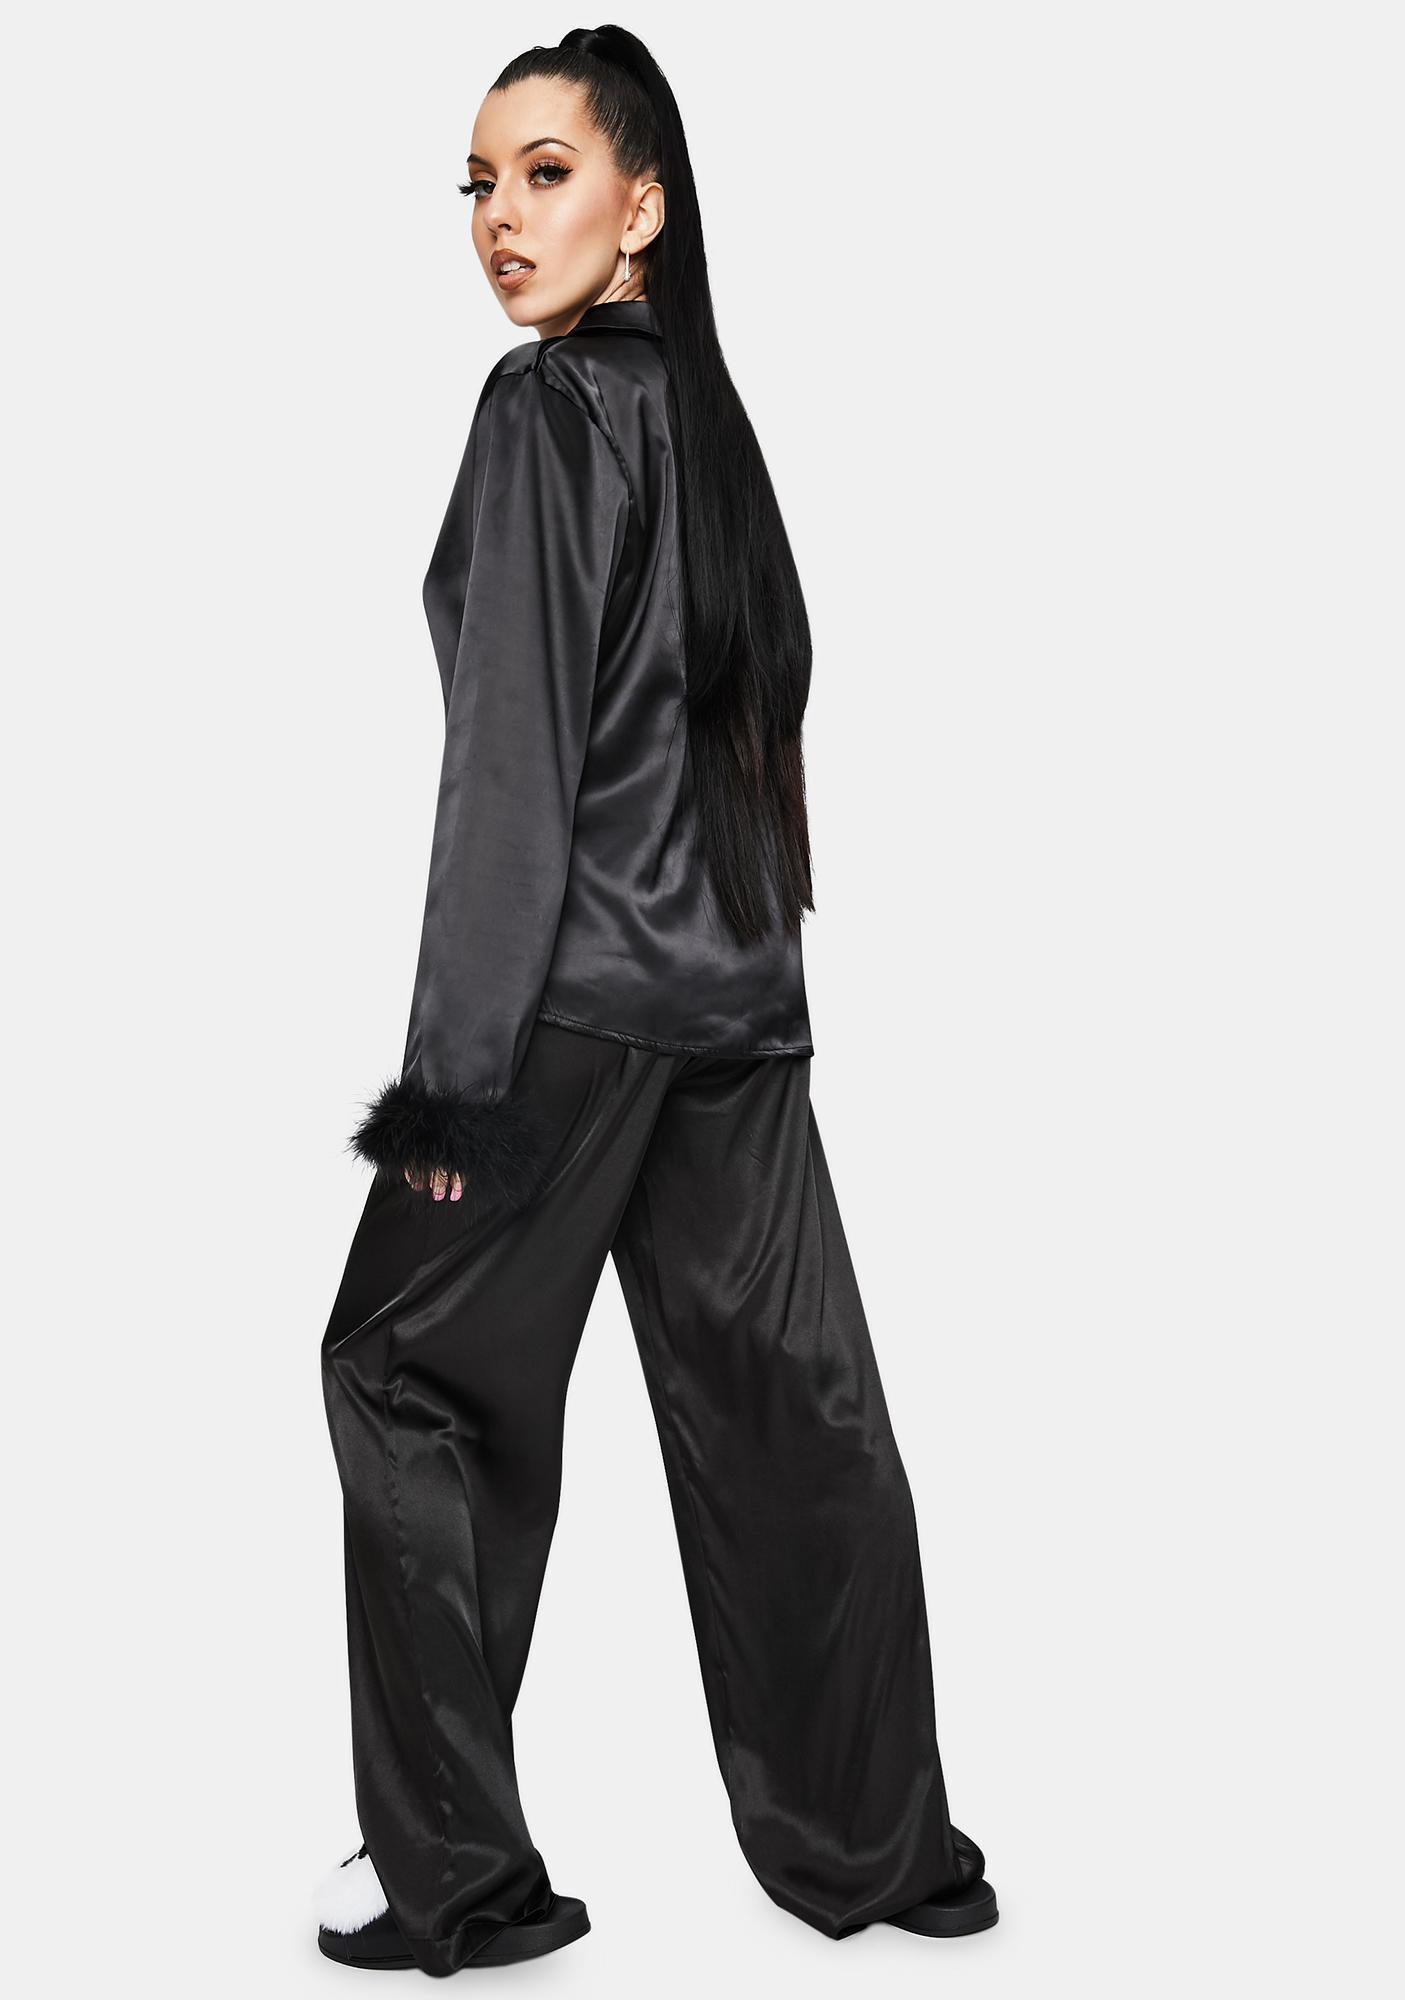 OW INTIMATES Black Sky Feather Pajamas Pants